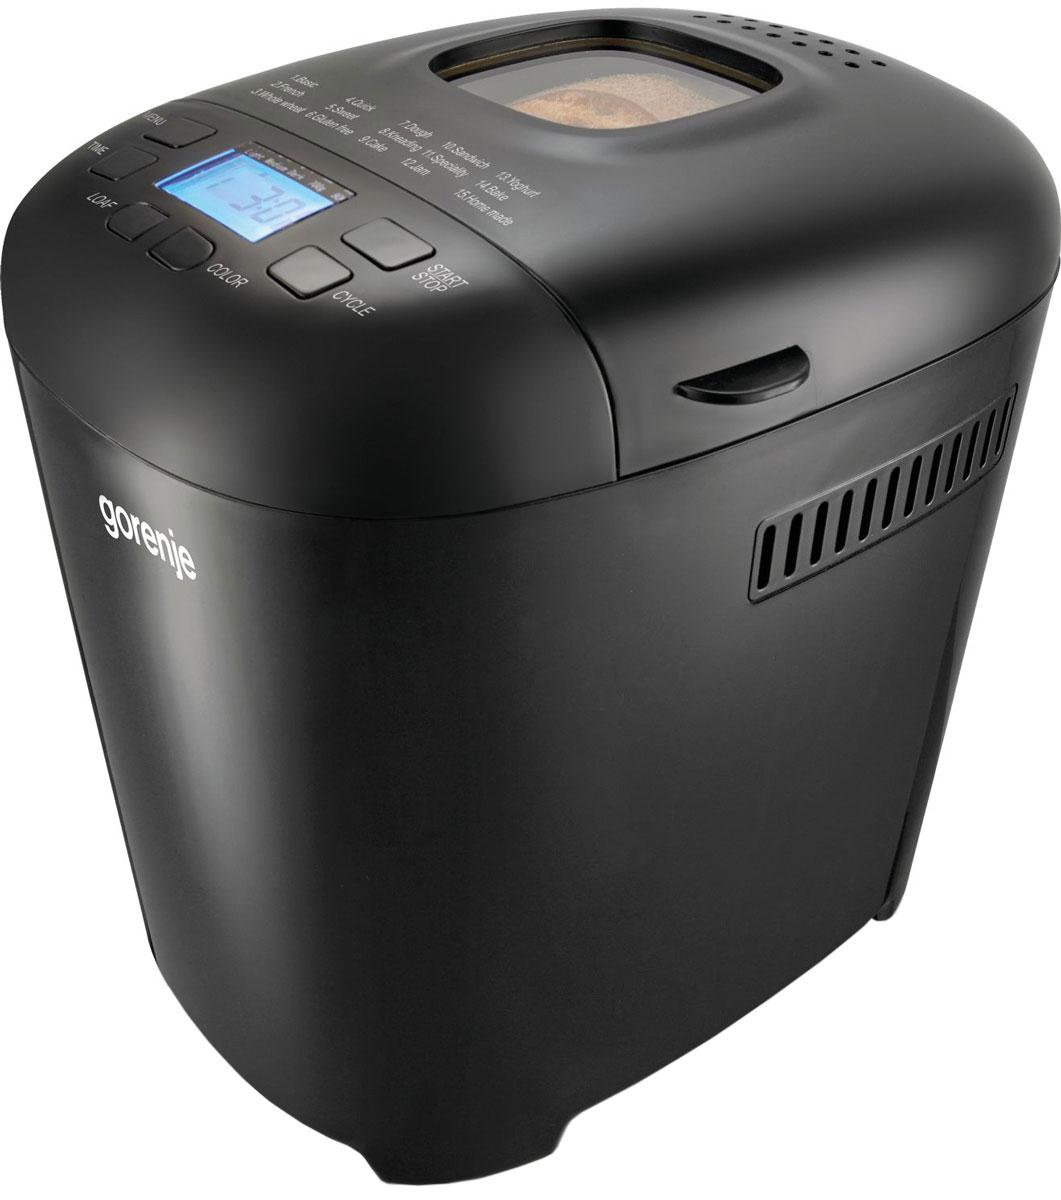 Gorenje BM900BKC, Black хлебопечкаBM900BKCСъемная форма для выпечки с керамическим покрытием Количество съемных форм для выпечки: 1 Количество тестомешателей: 1 Размер выпечки: 2 Выбор размера выпечки (мин.-макс.): 750 - 950 г Смотровое окошко позволяет следить за приготовлением Количество программ: 15 Программа для замешивания теста Звуковой сигнал Функция поддержания температуры сохраняет хлеб теплым Продолжение программы при сбое электропитания Кнопка ВКЛ. Отсрочка старта Выбор цвета корочки Индикатор работы с голубой подсветкой Программа для подъема теста Программа быстрой выпечки Программа Джем Программа для приготовления домашнего йогурта Программа безглютеновой выпечки Мерный стакан Мерная ложка Прорезиненное противоскользящее основание Автоотключение для дополнительной безопасности Мощность нагревателя: 550 Вт Длина присоединительного кабеля: 1 м Габаритные размеры: 21,8 х 29,7 х 29,2 см Вес нетто: 3,5 кг ...